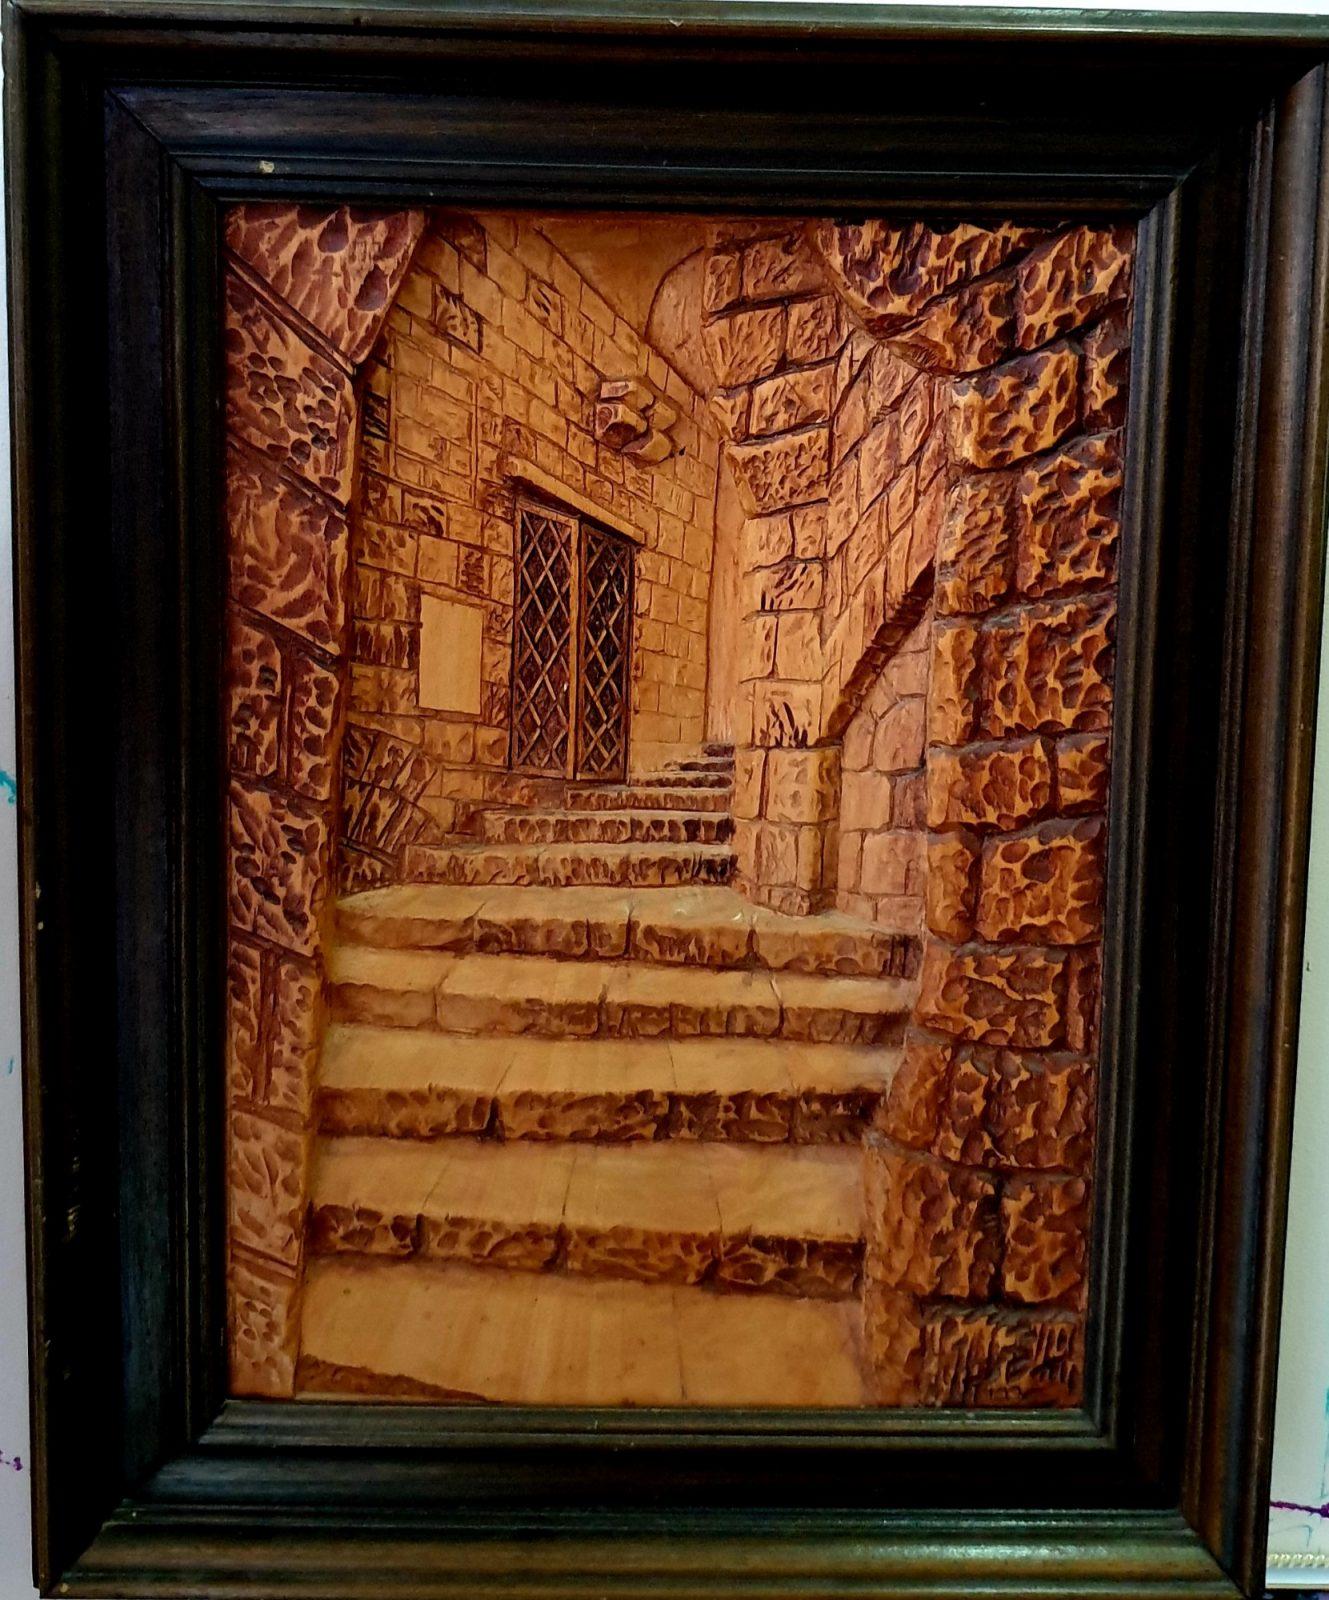 תערוכת יחיד בגלריית יוניטי- ארט מארק ראבוי גלף העץ